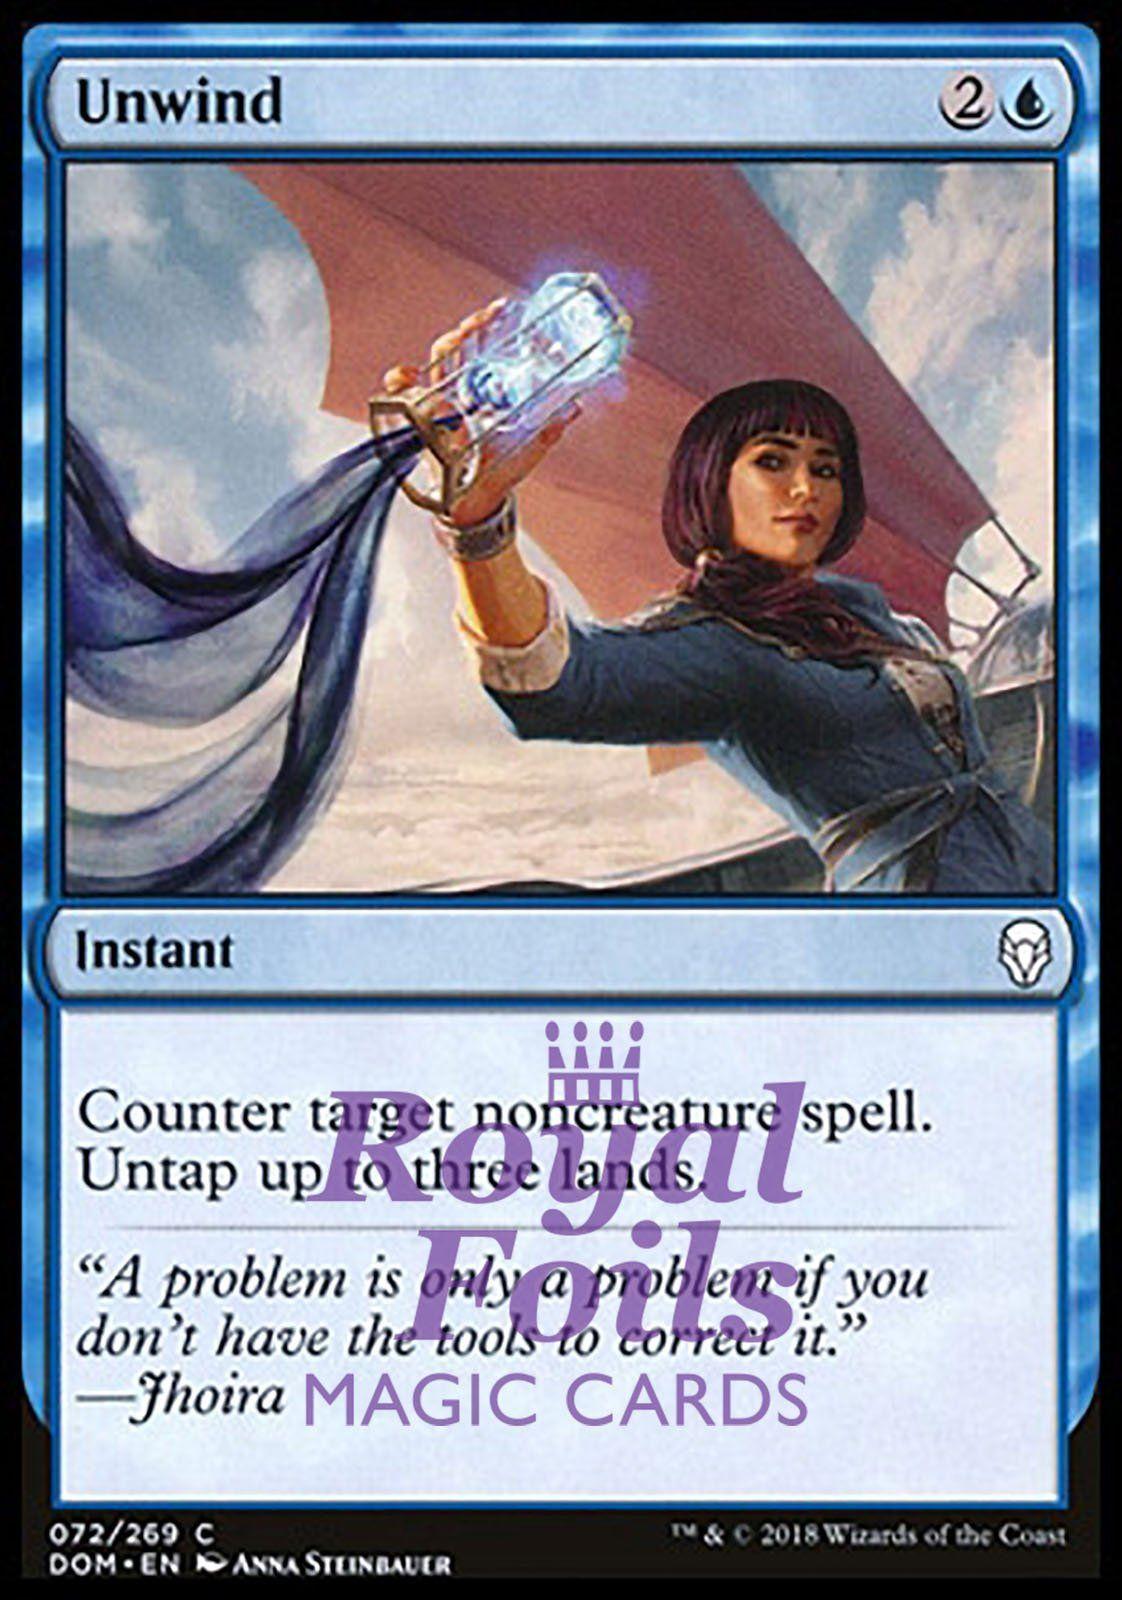 mtg STANDARD BLUE DECK Magic the Gathering rares 60 cards tempest djinn opt